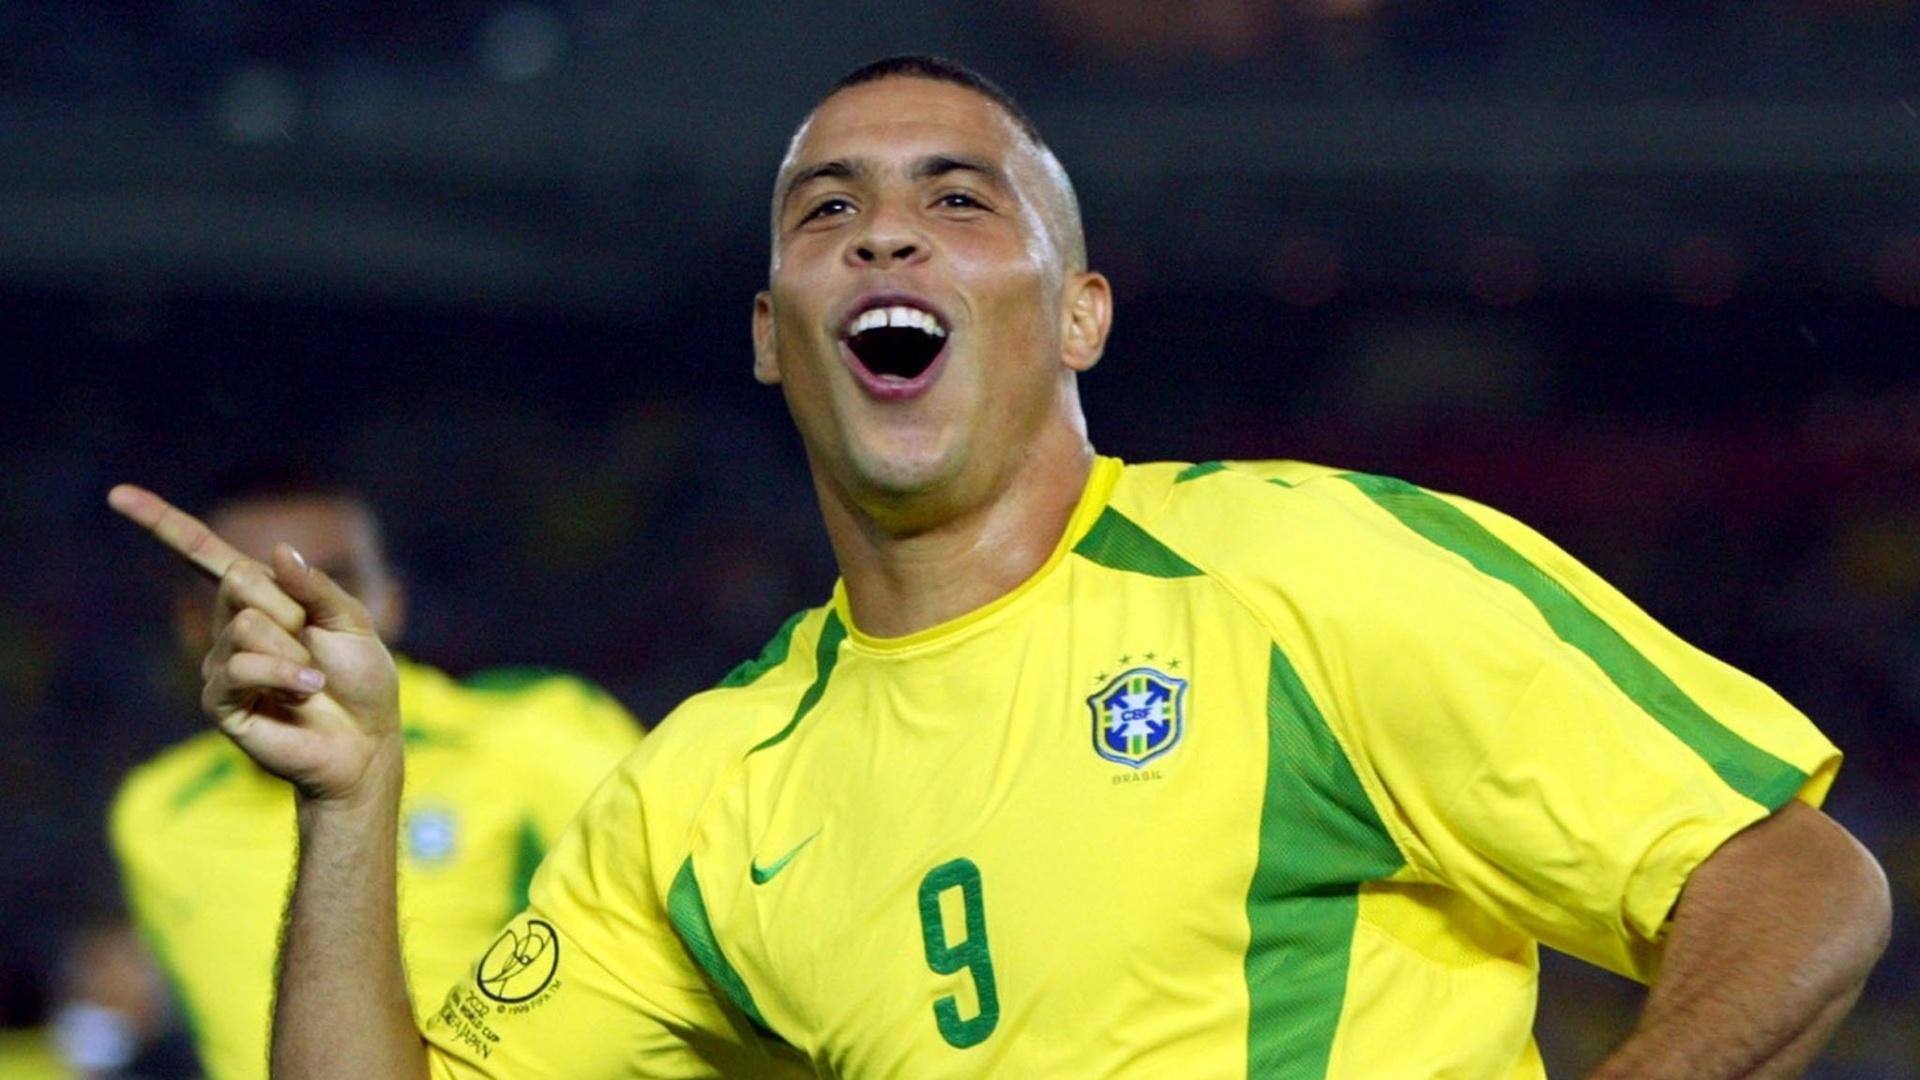 Ronaldo comemora o gol marcado contra a Alemanha na final da Copa do Mundo de 2002